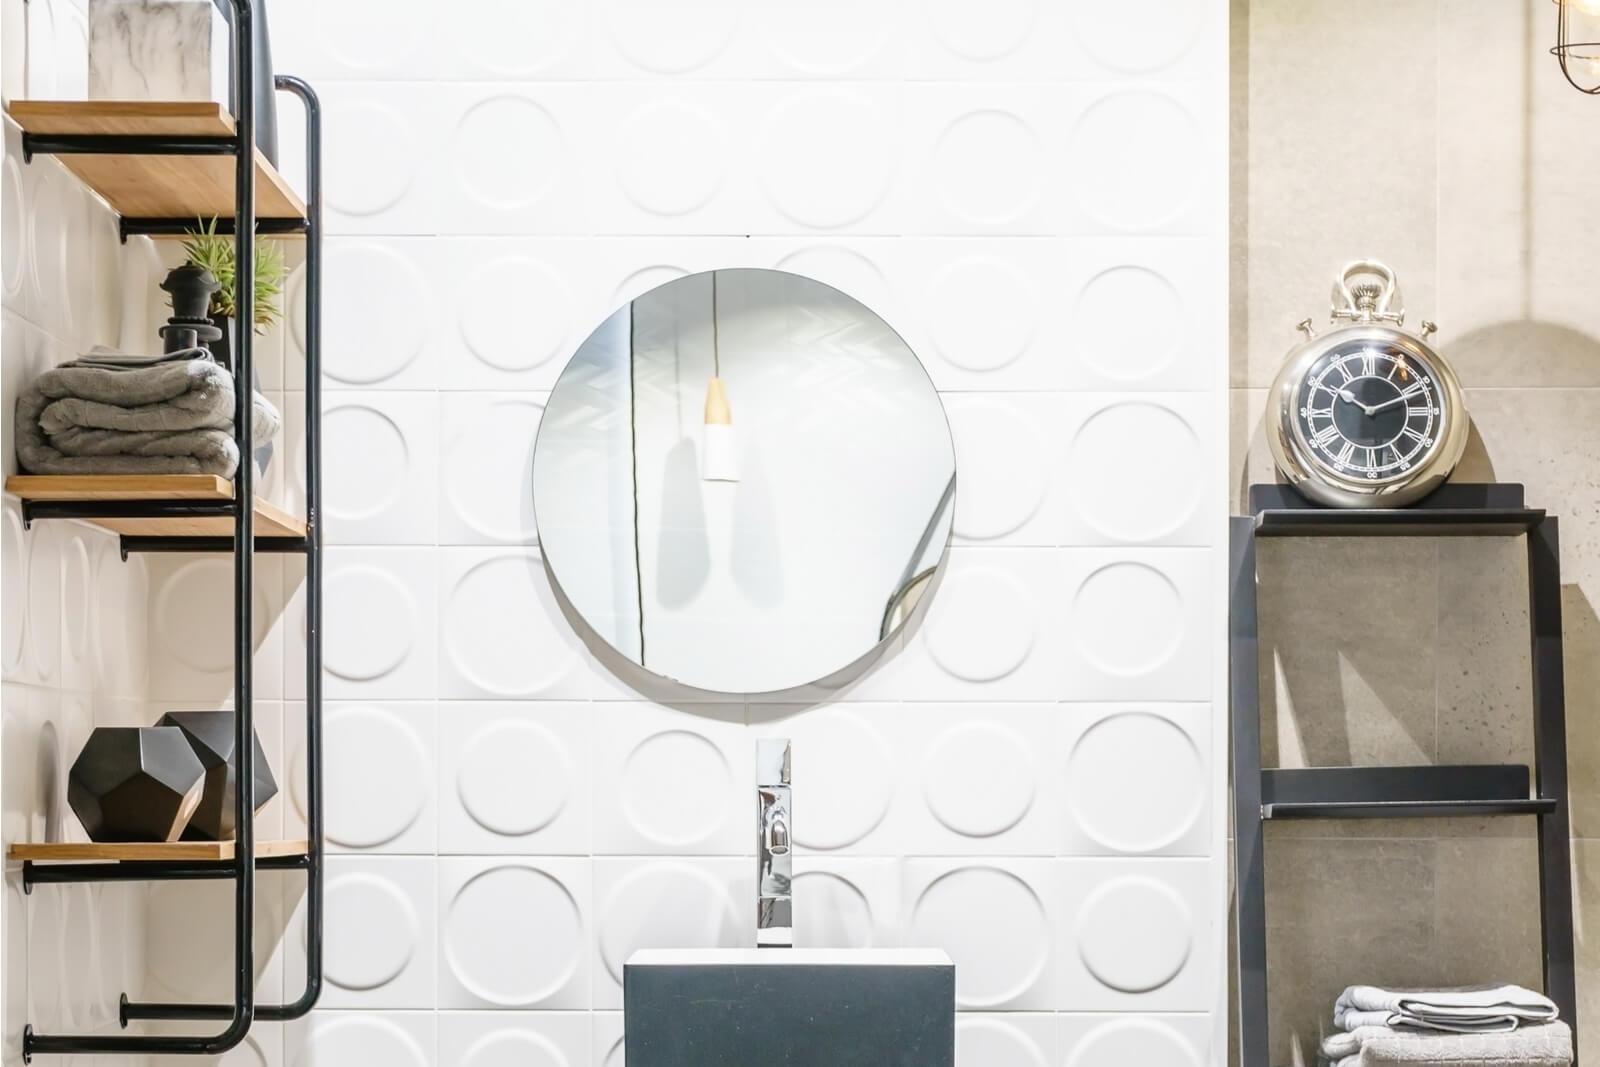 Papéis de parede com relevo e resistentes à umidade